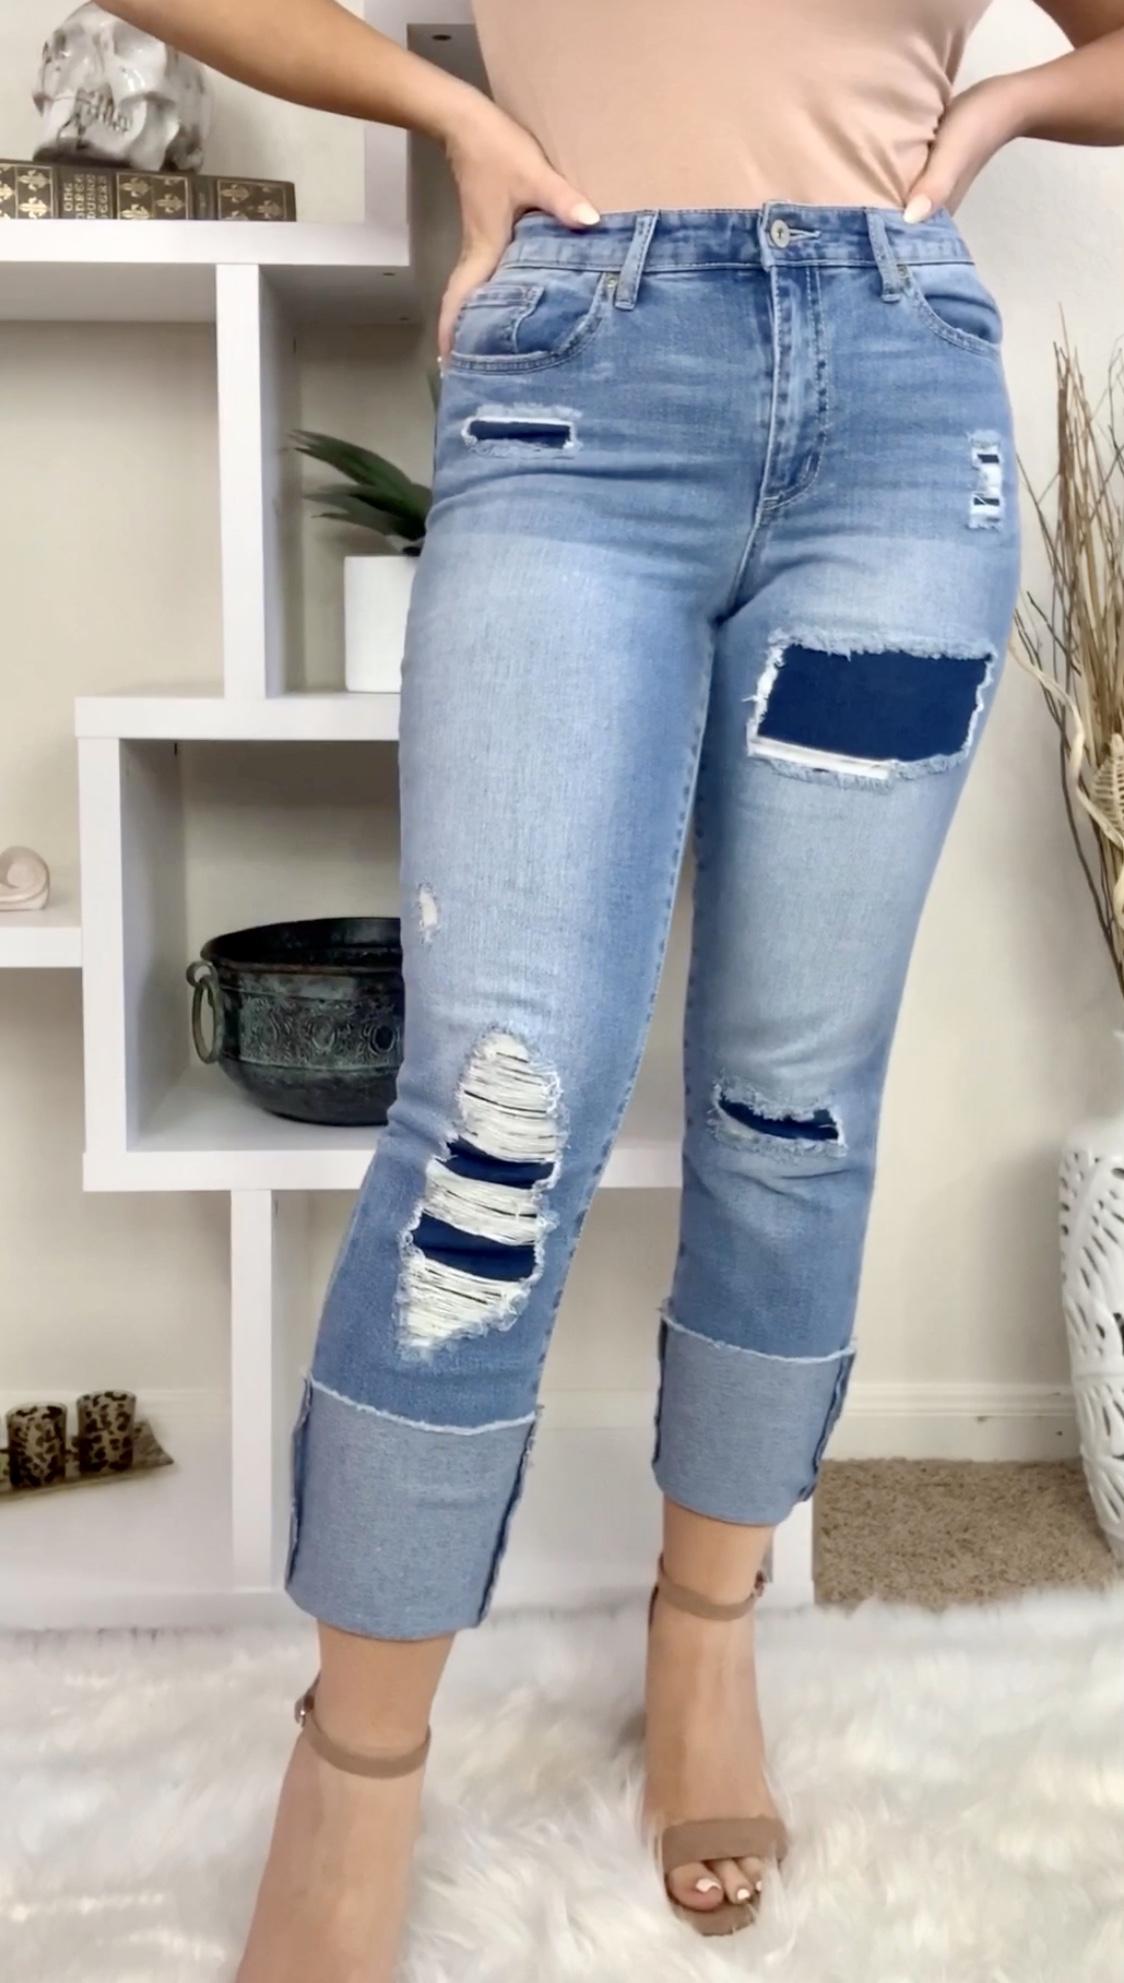 Walmart Jeans 9